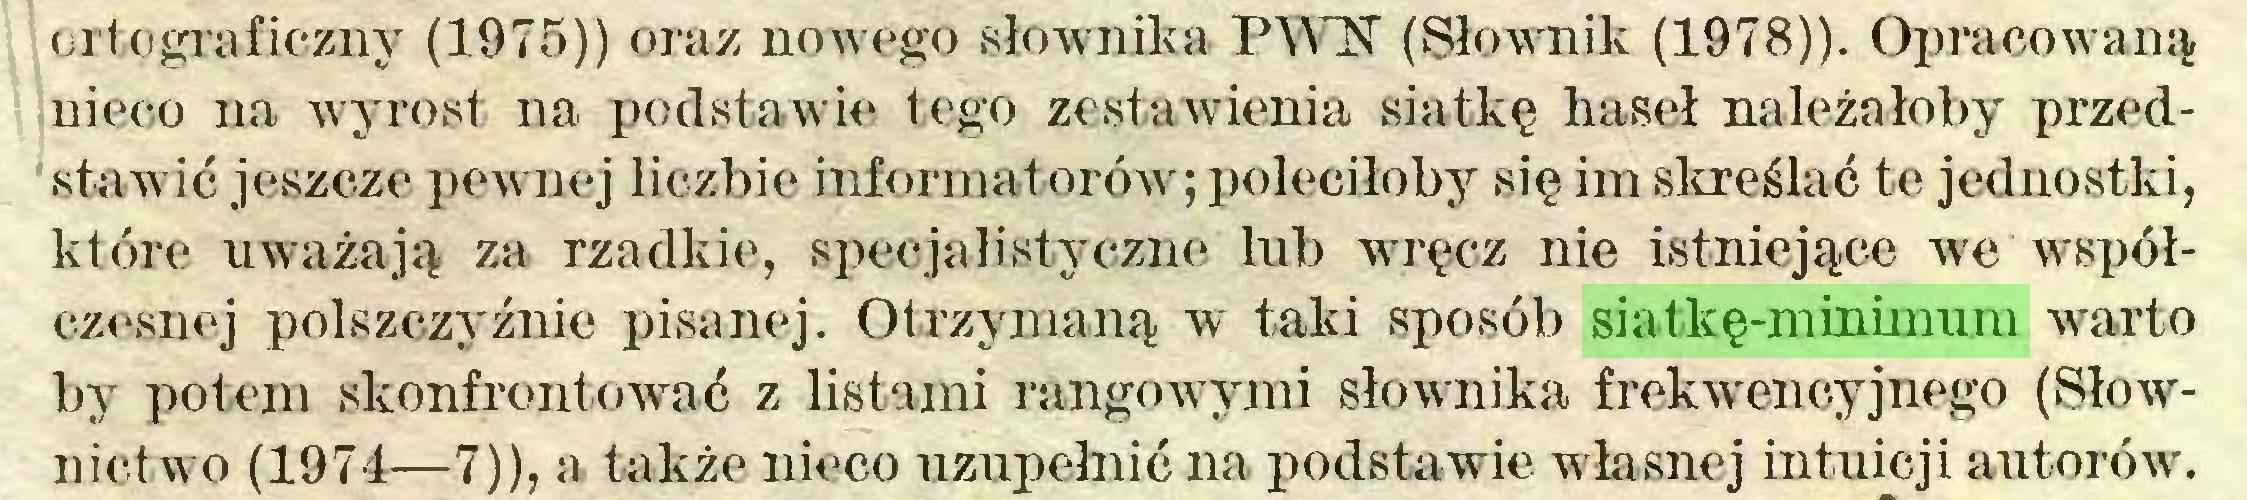 (...) ortograficzny (1975)) oraz nowego słownika PWN (Słownik (1978)). Opracowaną nieco na wyrost na podstawie tego zestawienia siatkę haseł należałoby przedstawić jeszcze pewnej liczbie informatorów; poleciłoby się im skreślać te jednostki, które uważają za rzadkie, specjalistyczne lub wręcz nie istniejące we współczesnej polszczy źnie pisanej. Otrzymaną w taki sposób siatkę-minimum warto by potem skonfrontować z listami rangowymi słownika frekwencyjnego (Słownictwo (1974—7)), a także nieco uzupełnić na podstawie własnej intuicji autorów...